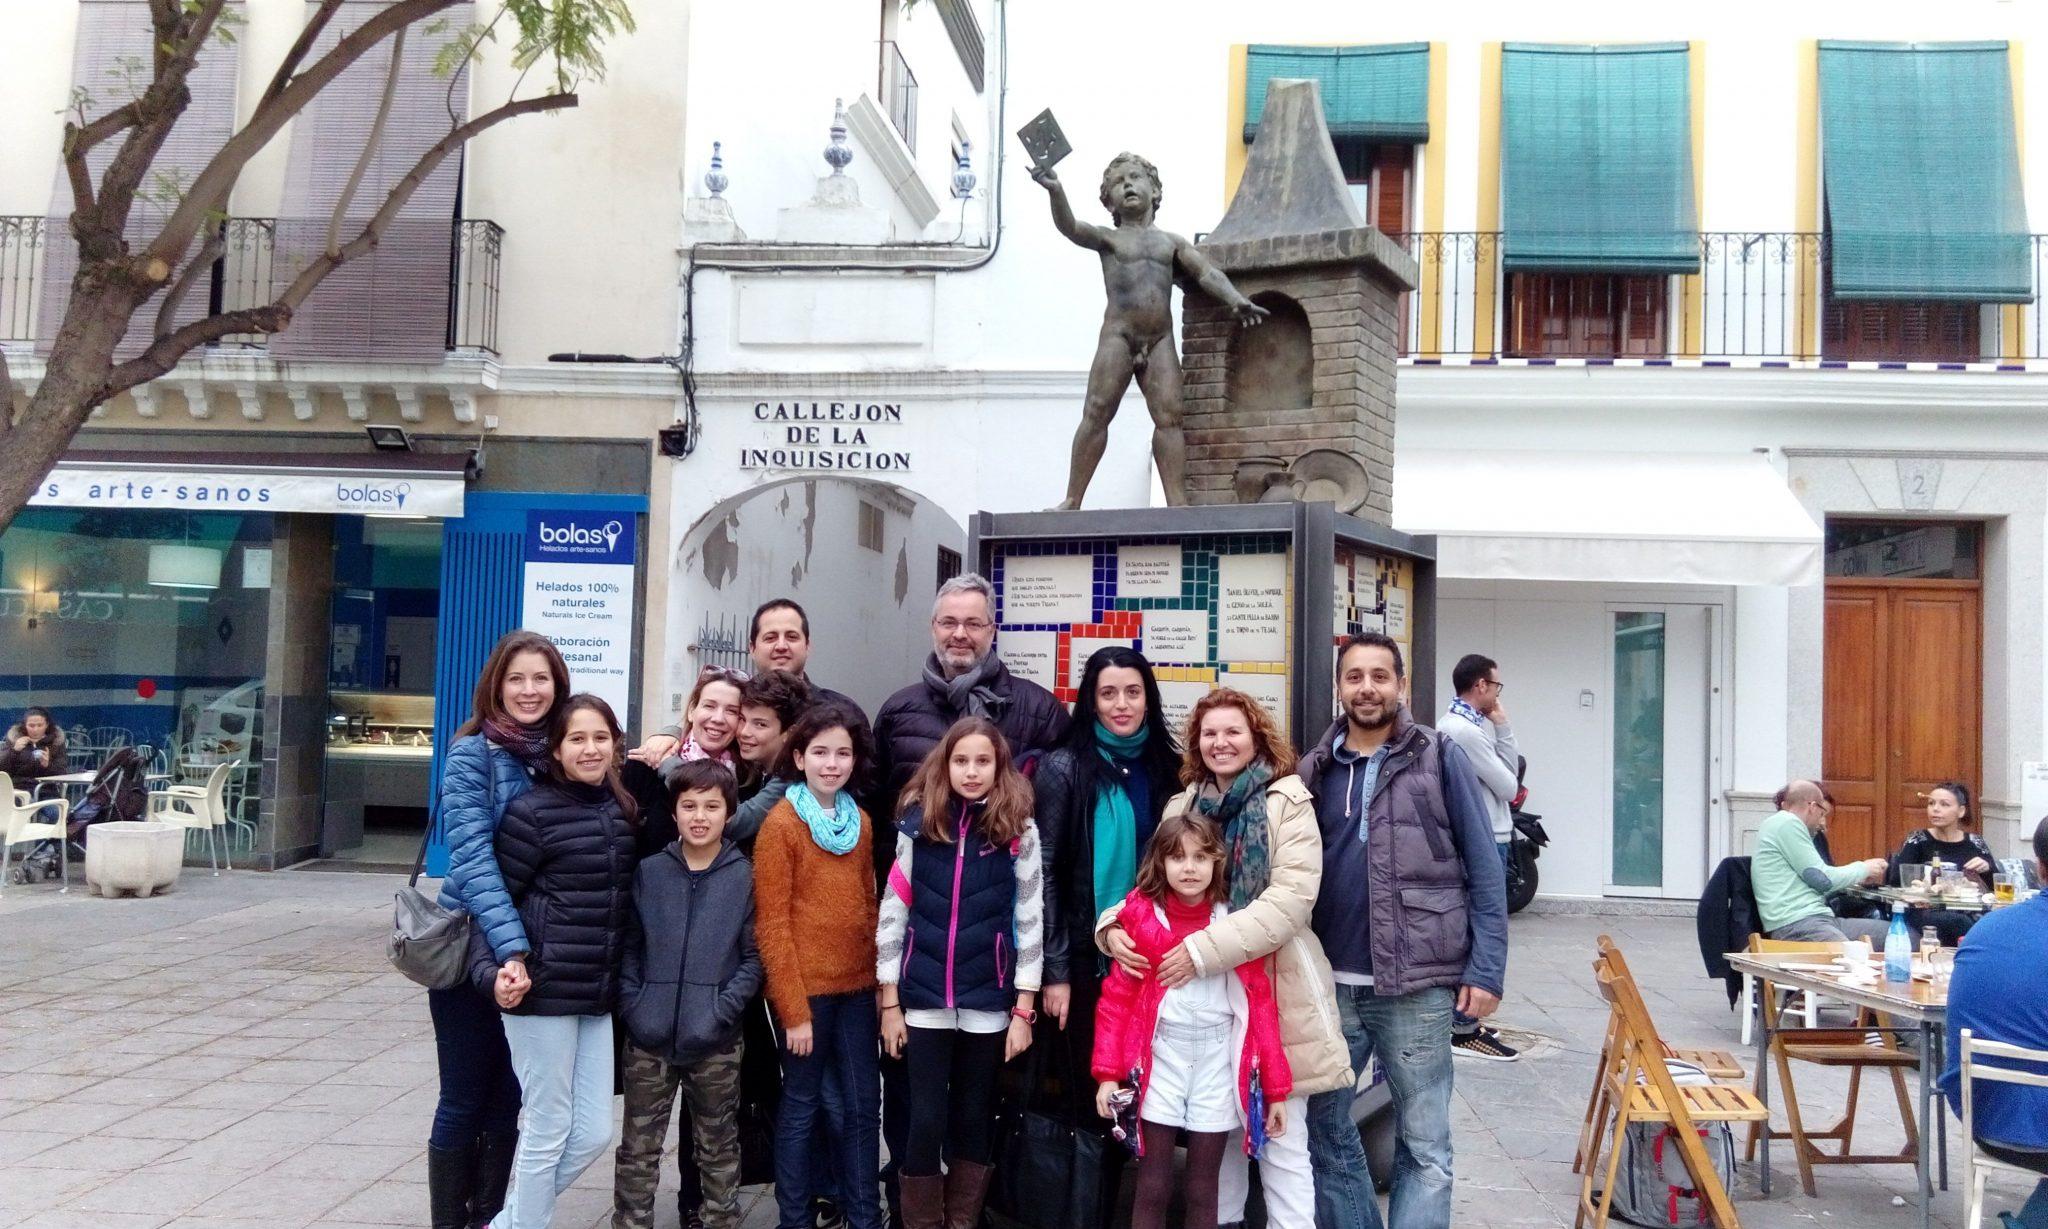 Sevilla Mágica y Eterna. Quiénes somos. Fotografía grupo. Experiencia Cultural. Rutas, visitas guiadas, tours, Sevilla.Triana Pura Magia y Leyenda. Sevilla Mágica y Eterna.